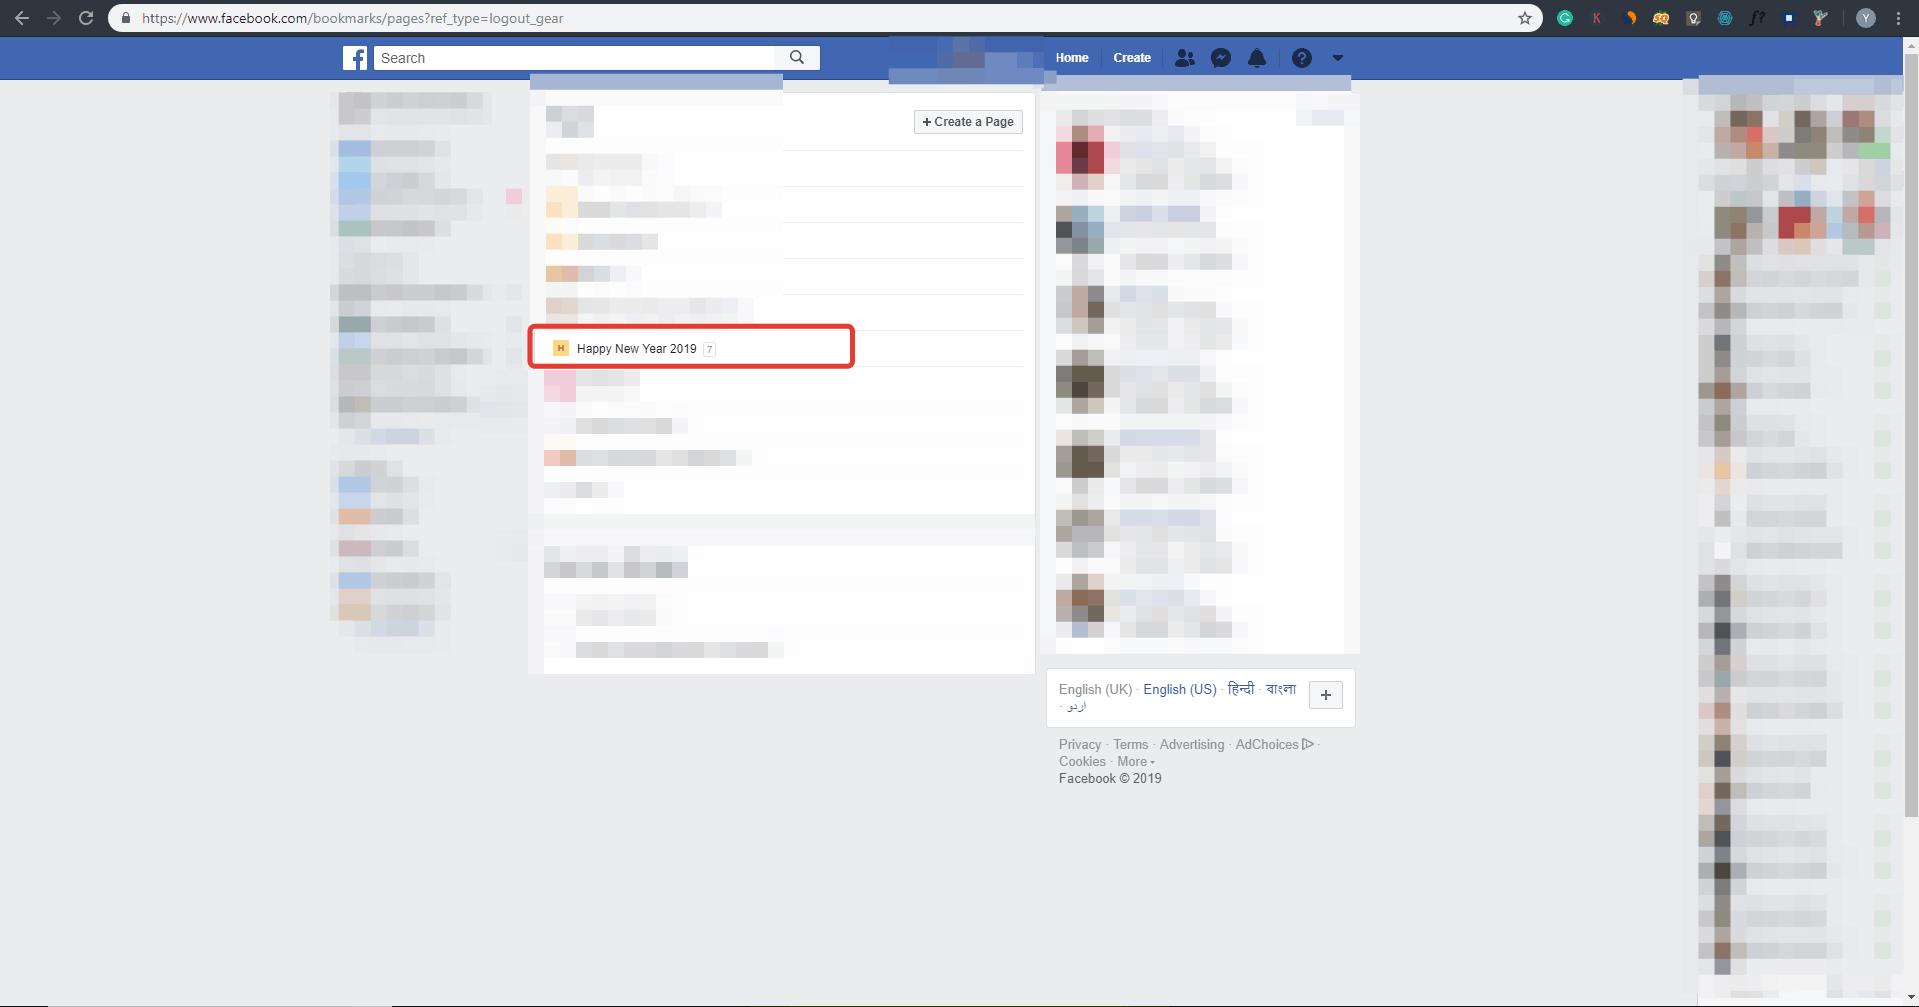 facebook_page_link_2